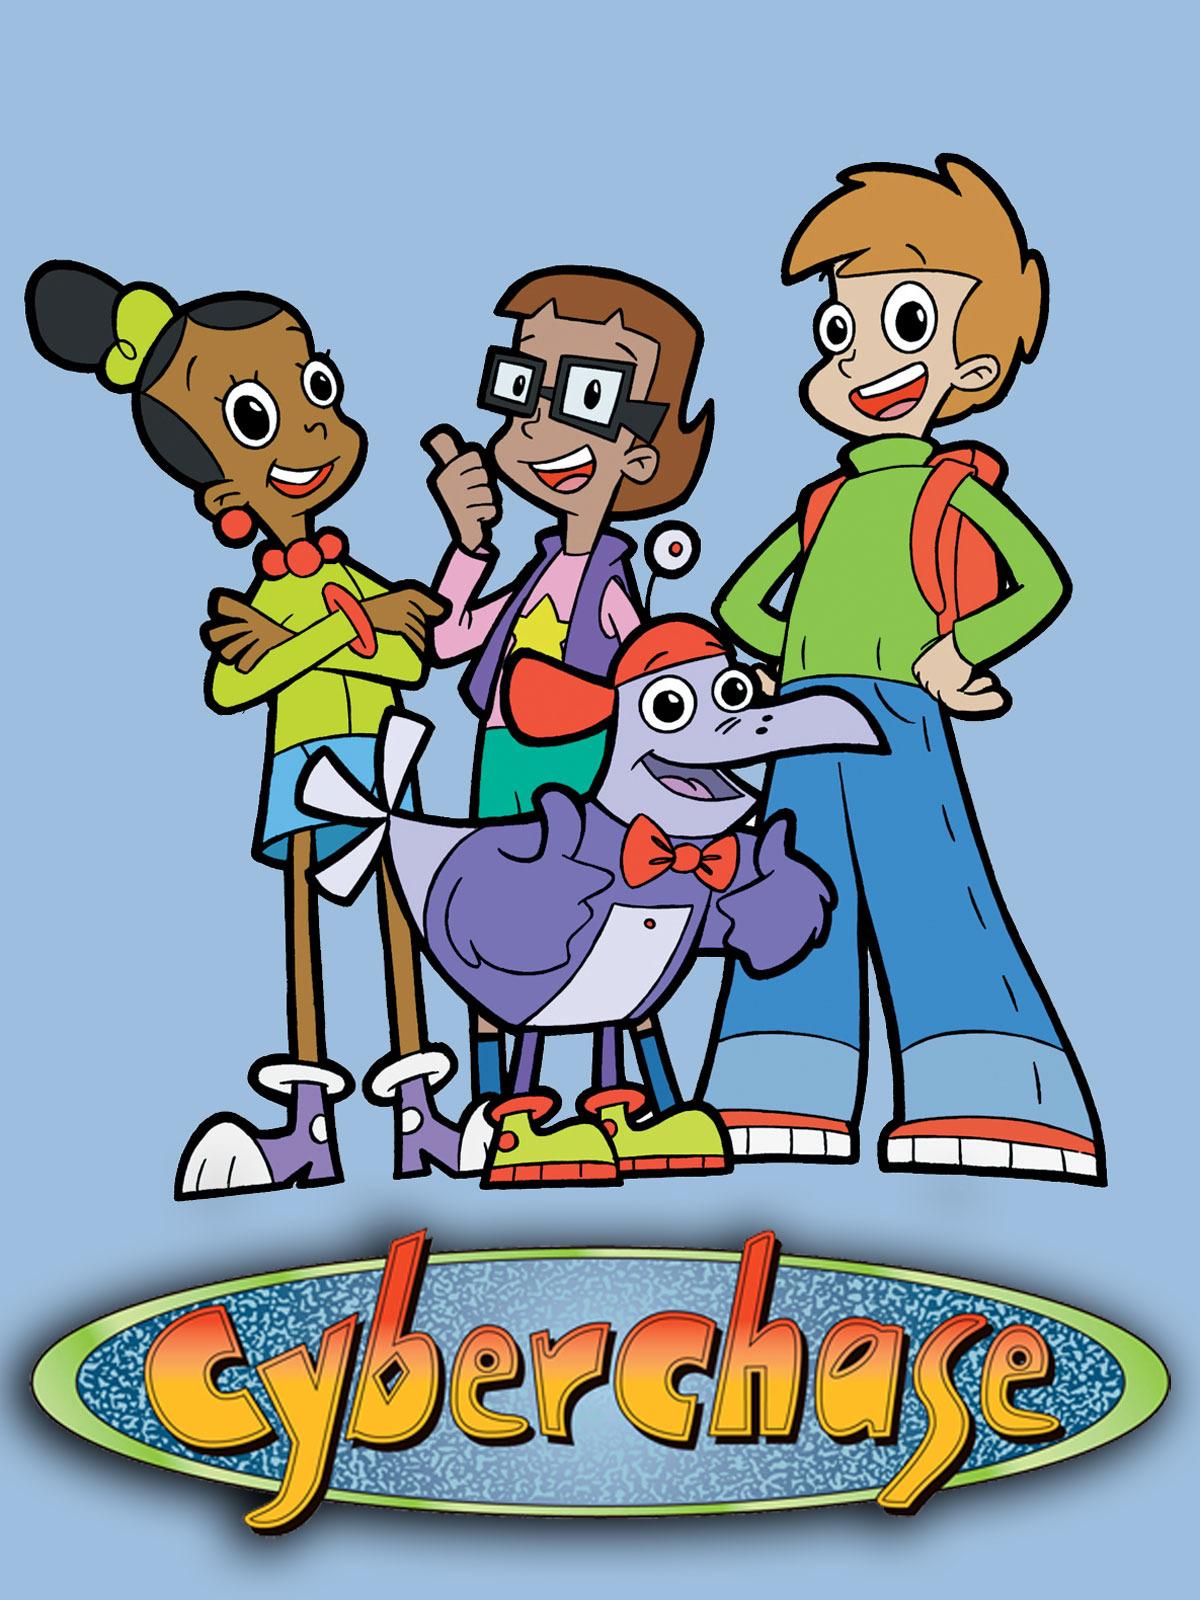 Cyberchase: Season 9